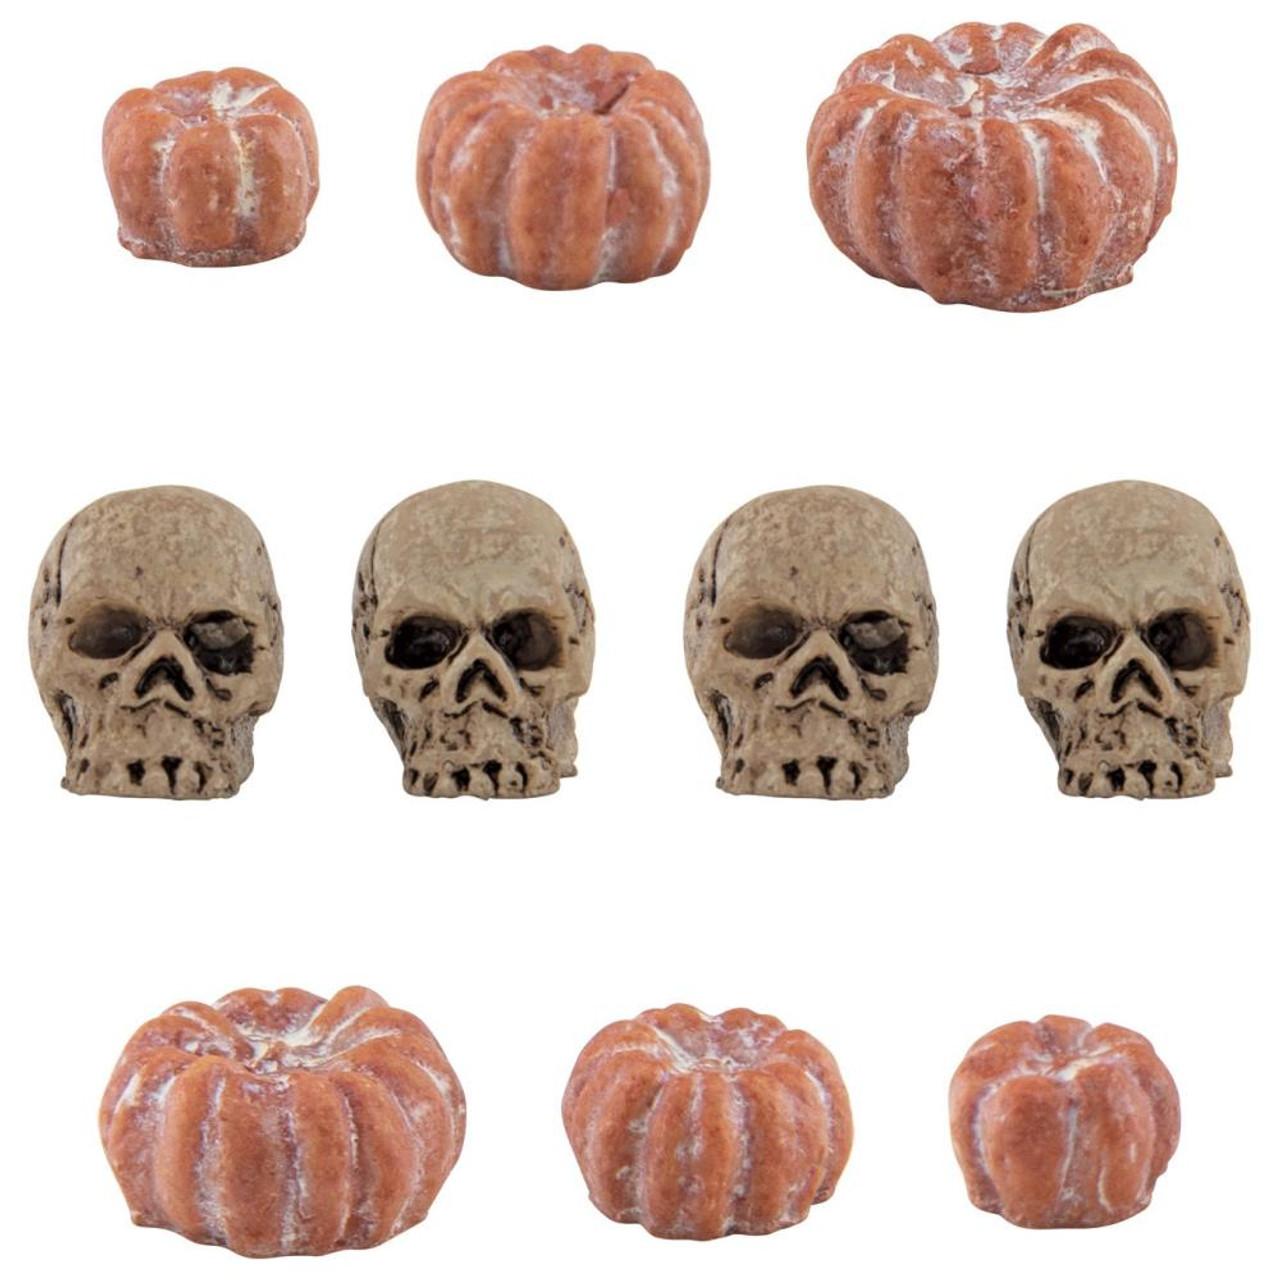 Tim Holtz Idea-ology Mini Skulls /& Pumpkins 10Pc TH94067 Halloween 2020 Retired